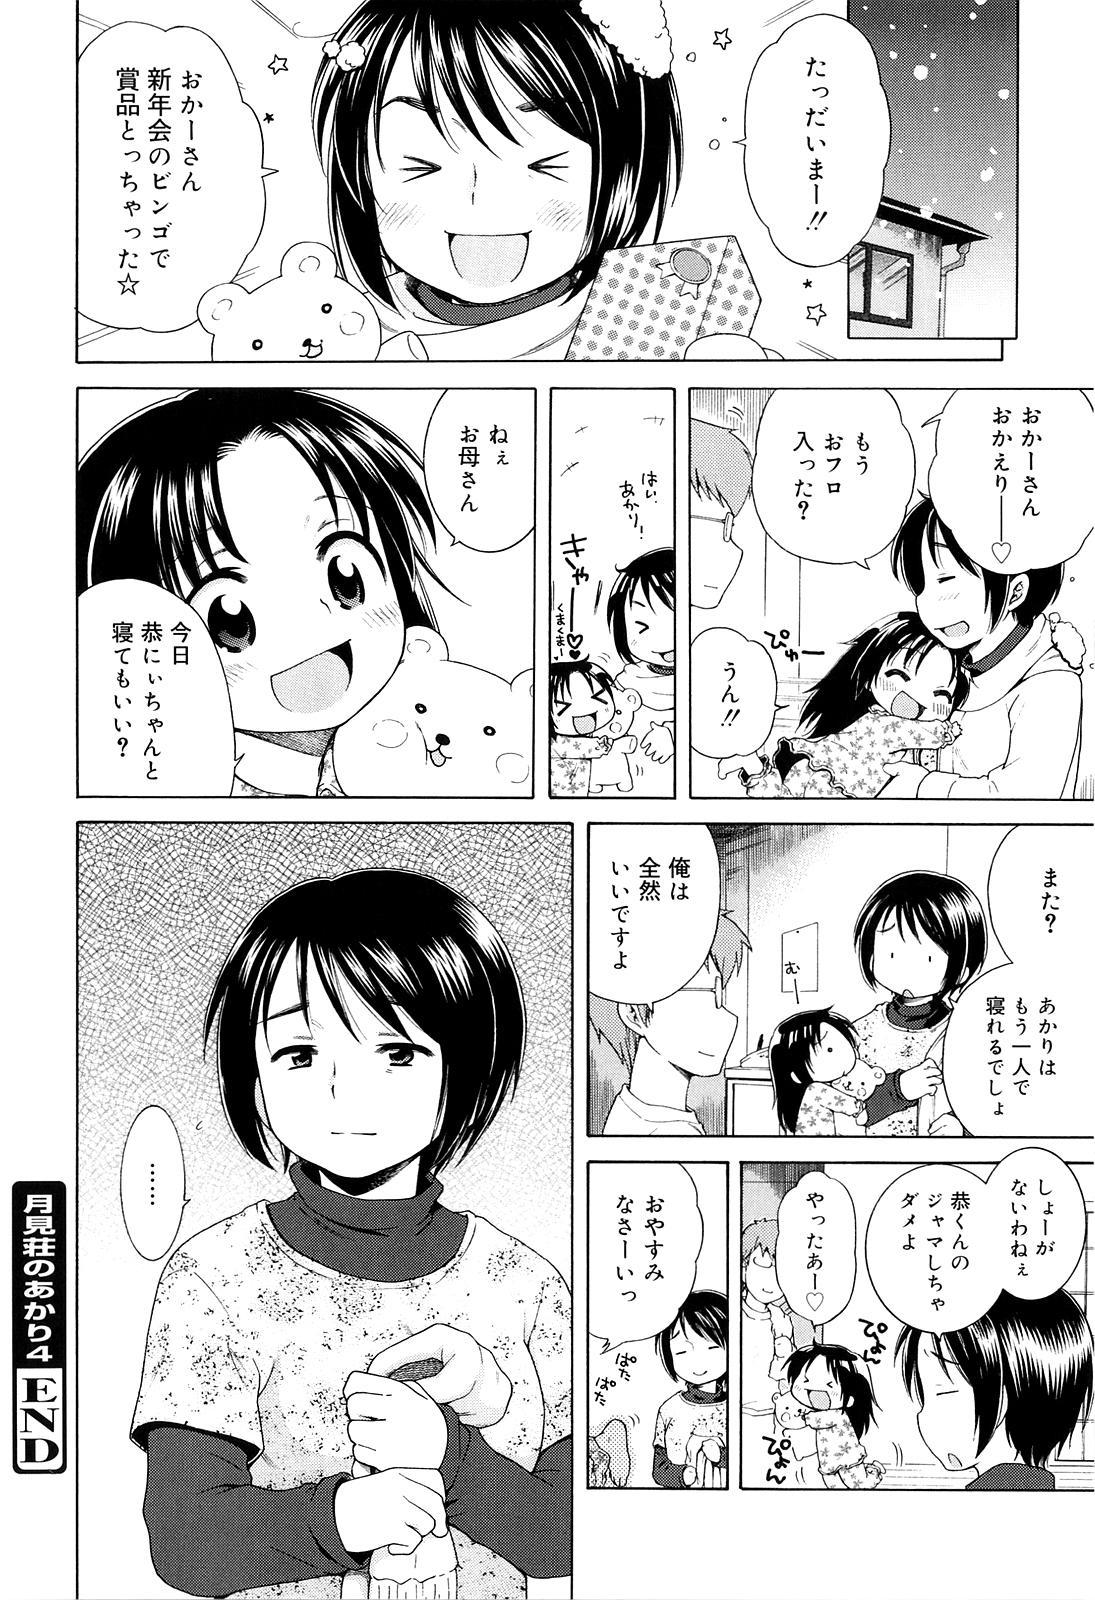 Tsukimisou no Akari 95